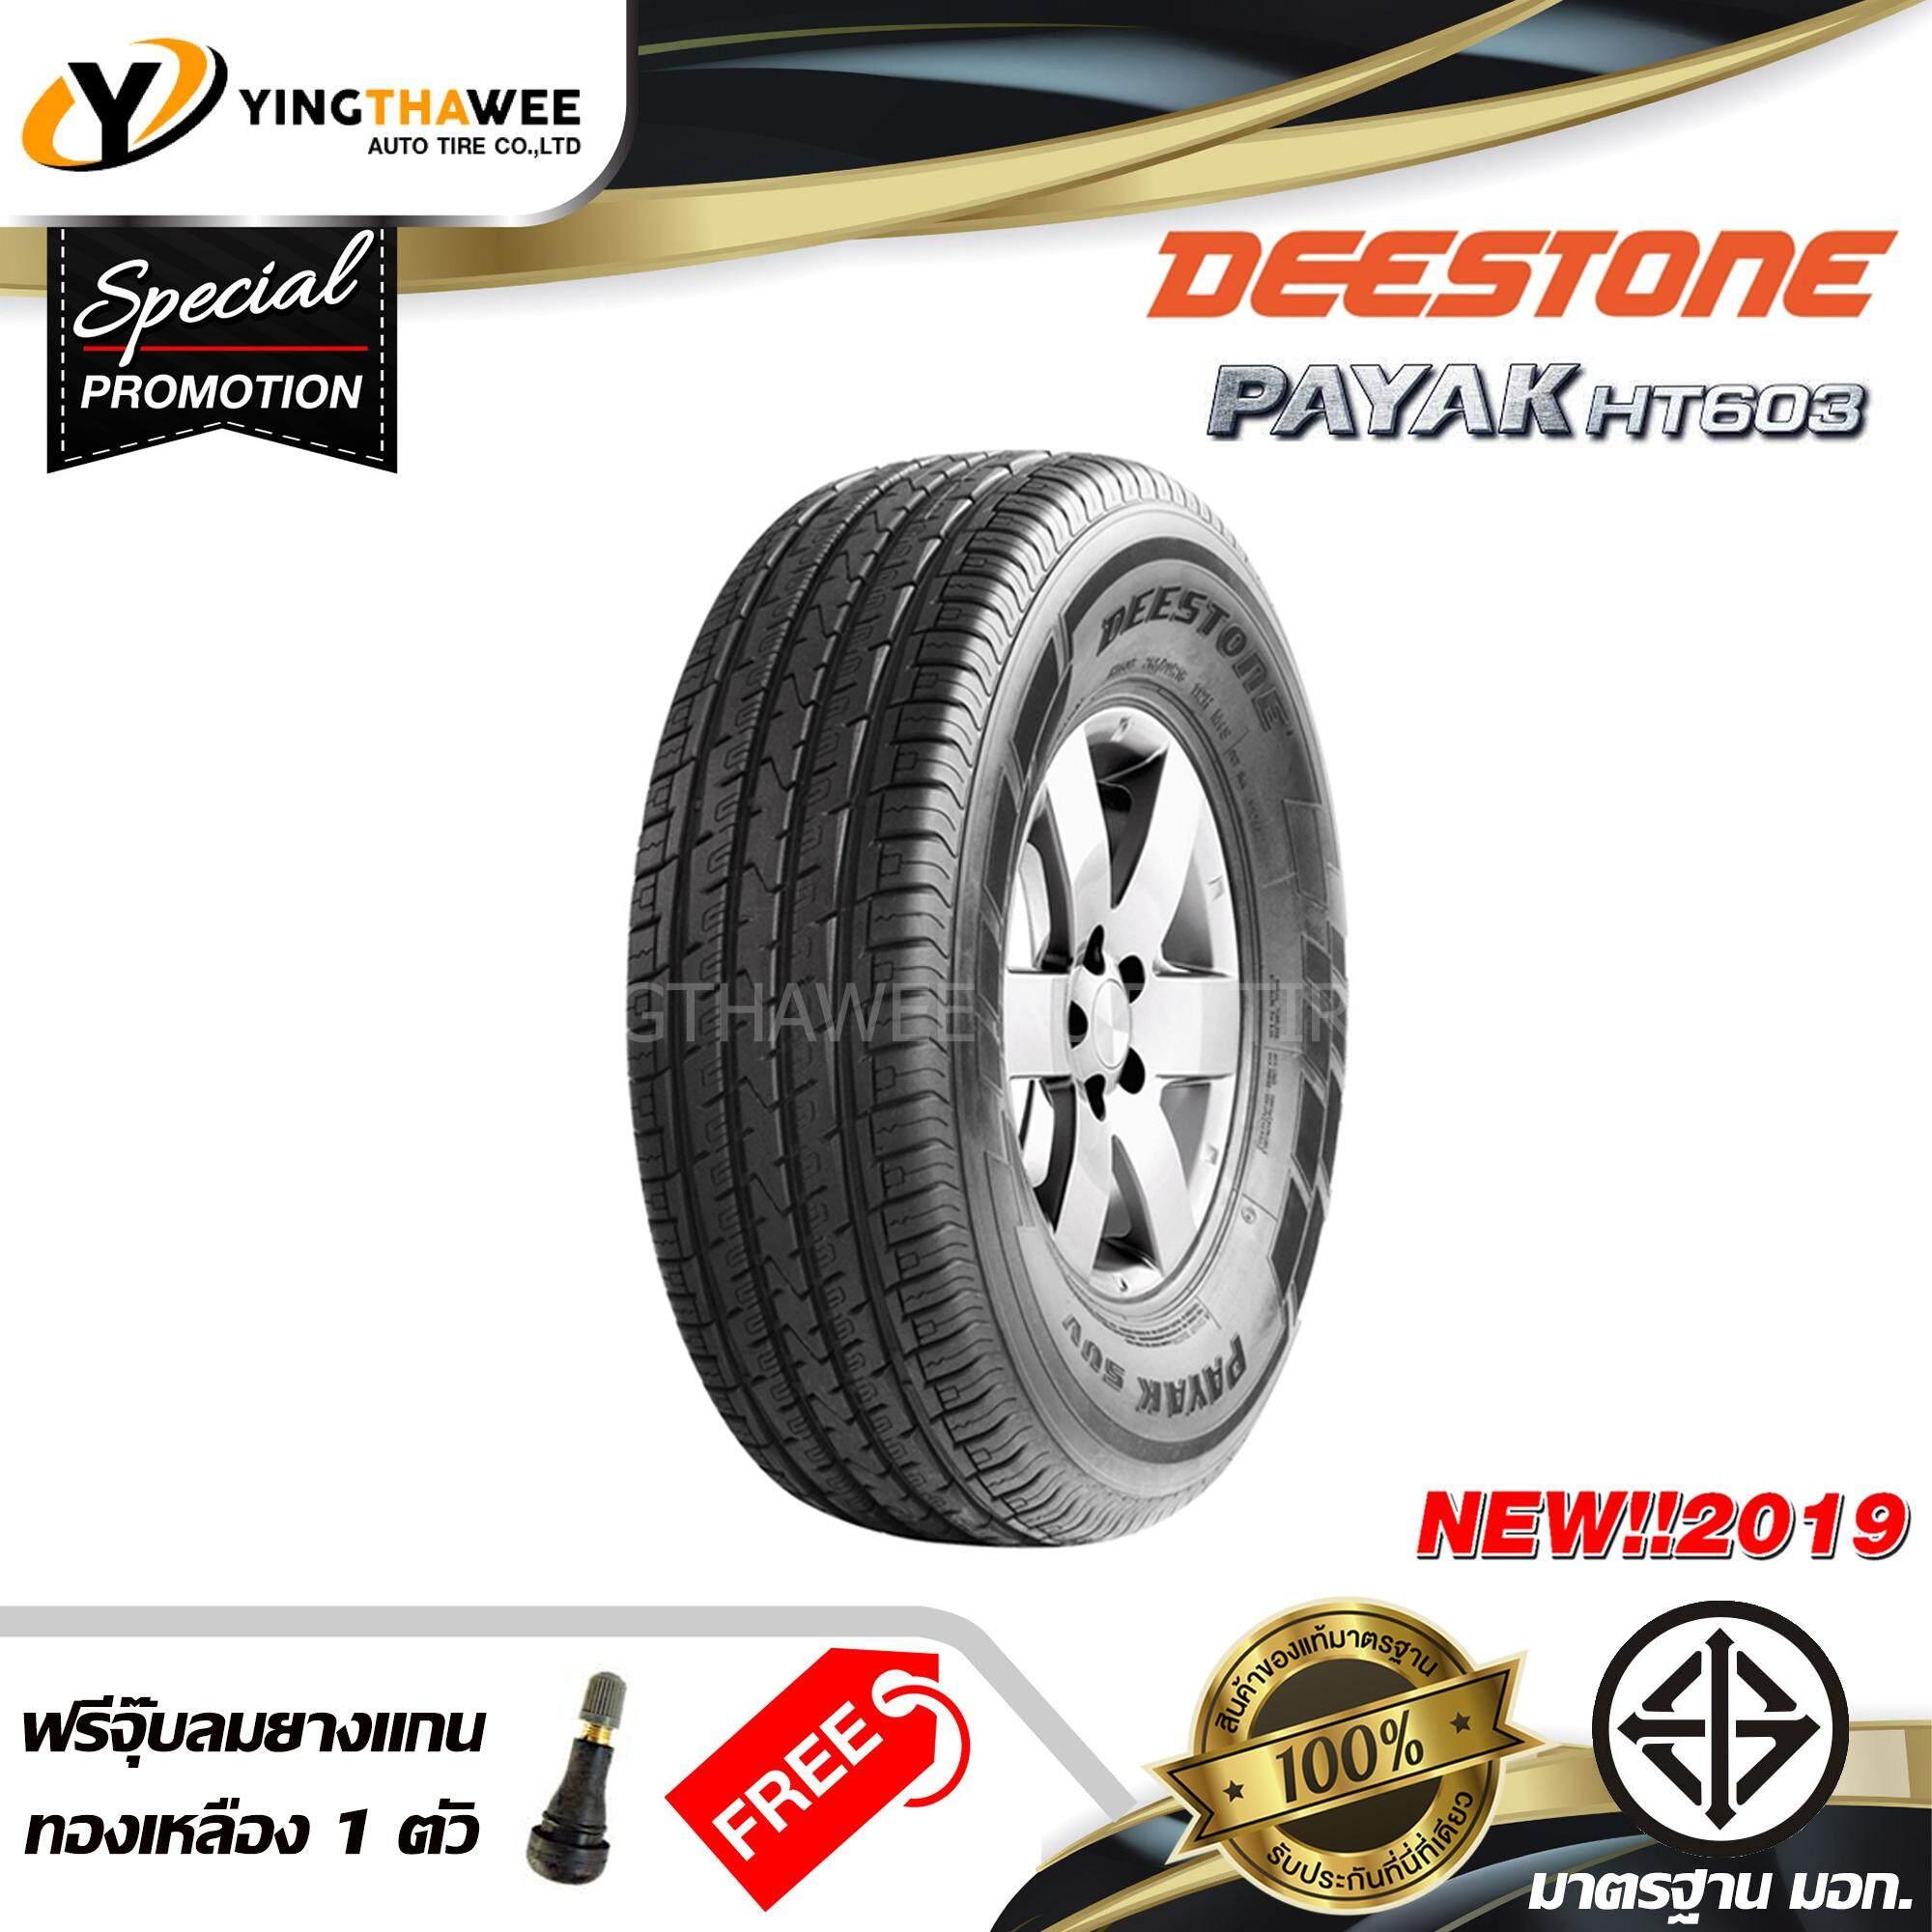 ประกันภัย รถยนต์ แบบ ผ่อน ได้ ราชบุรี DEESTONE ยางรถยนต์ 265/70R16 รุ่น HT603  1 เส้น (ปี 2019) แถมจุ๊บลมยางแกนทองเหลือง 1 ตัว